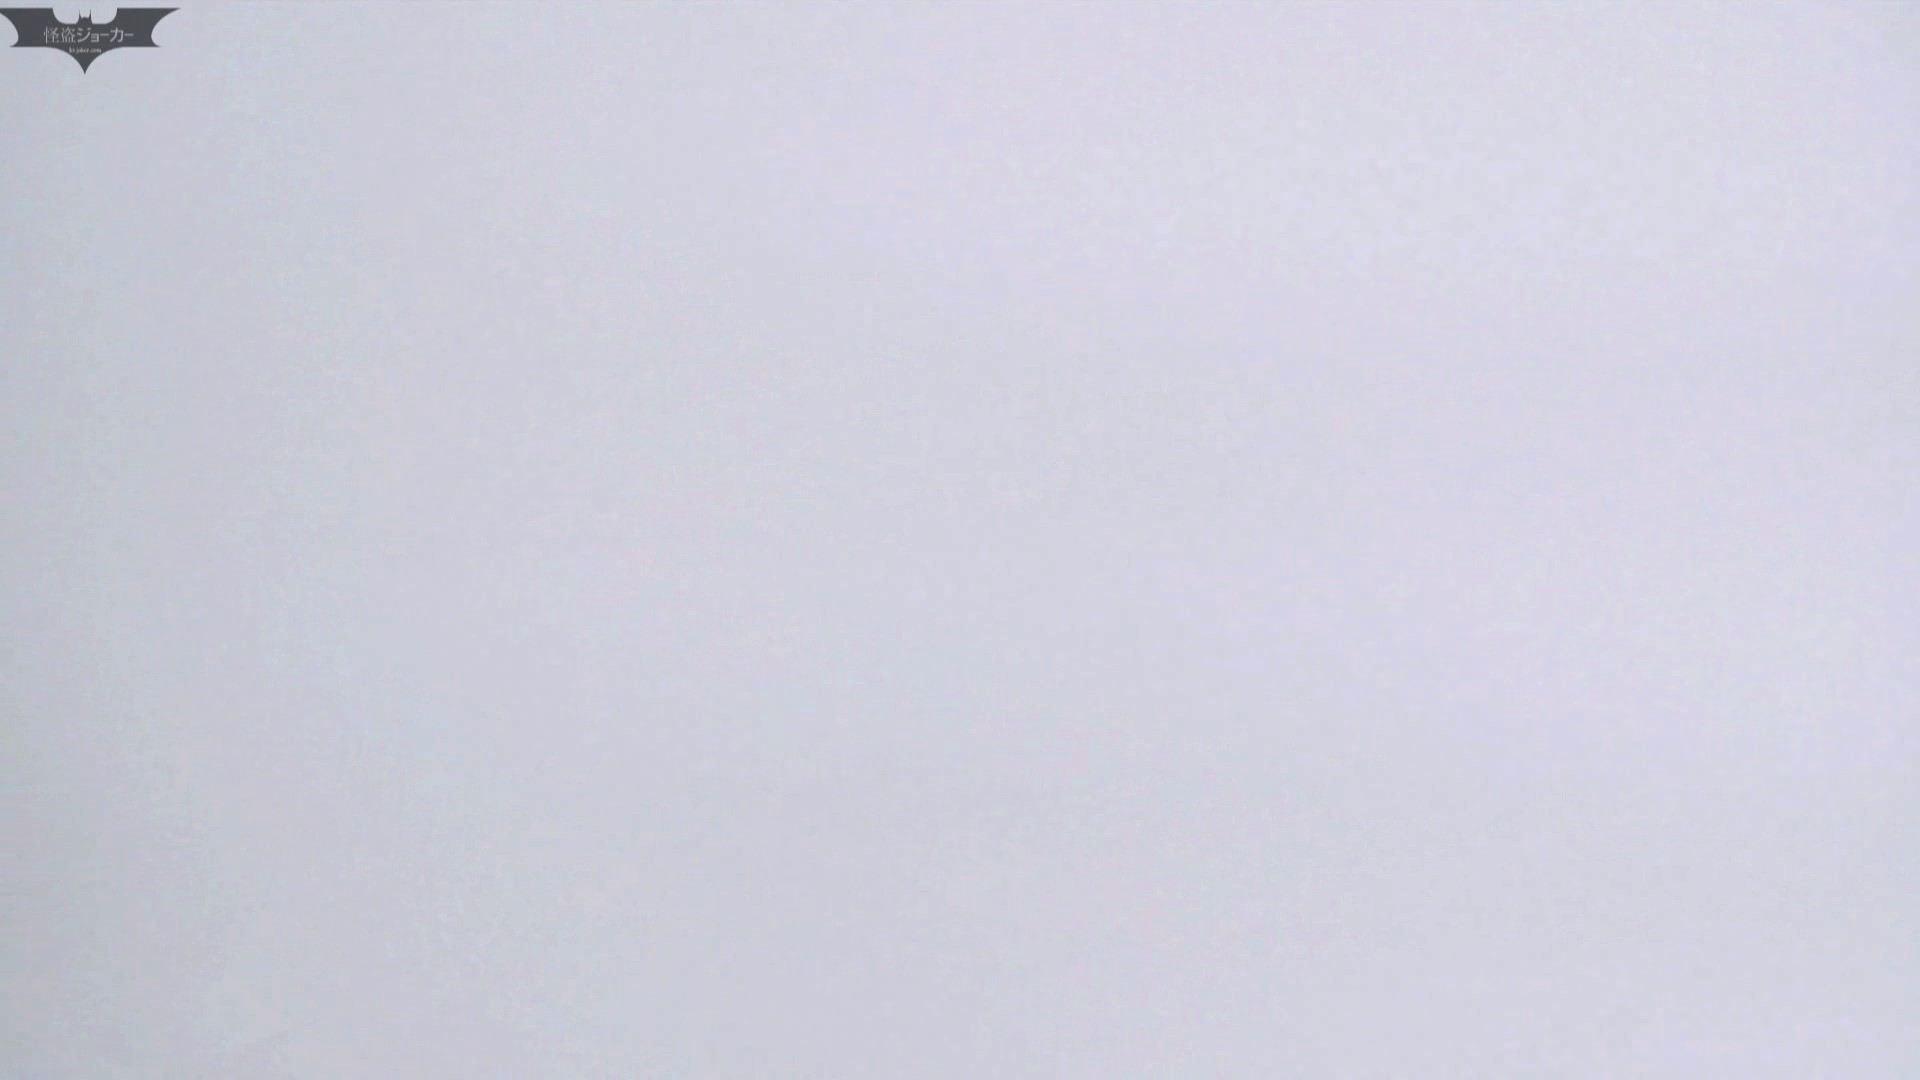 マンコ丸見え!第三体育館潜入撮File005 お願い入ってきて!! 期間限定シリーズ SEX無修正画像 106画像 7